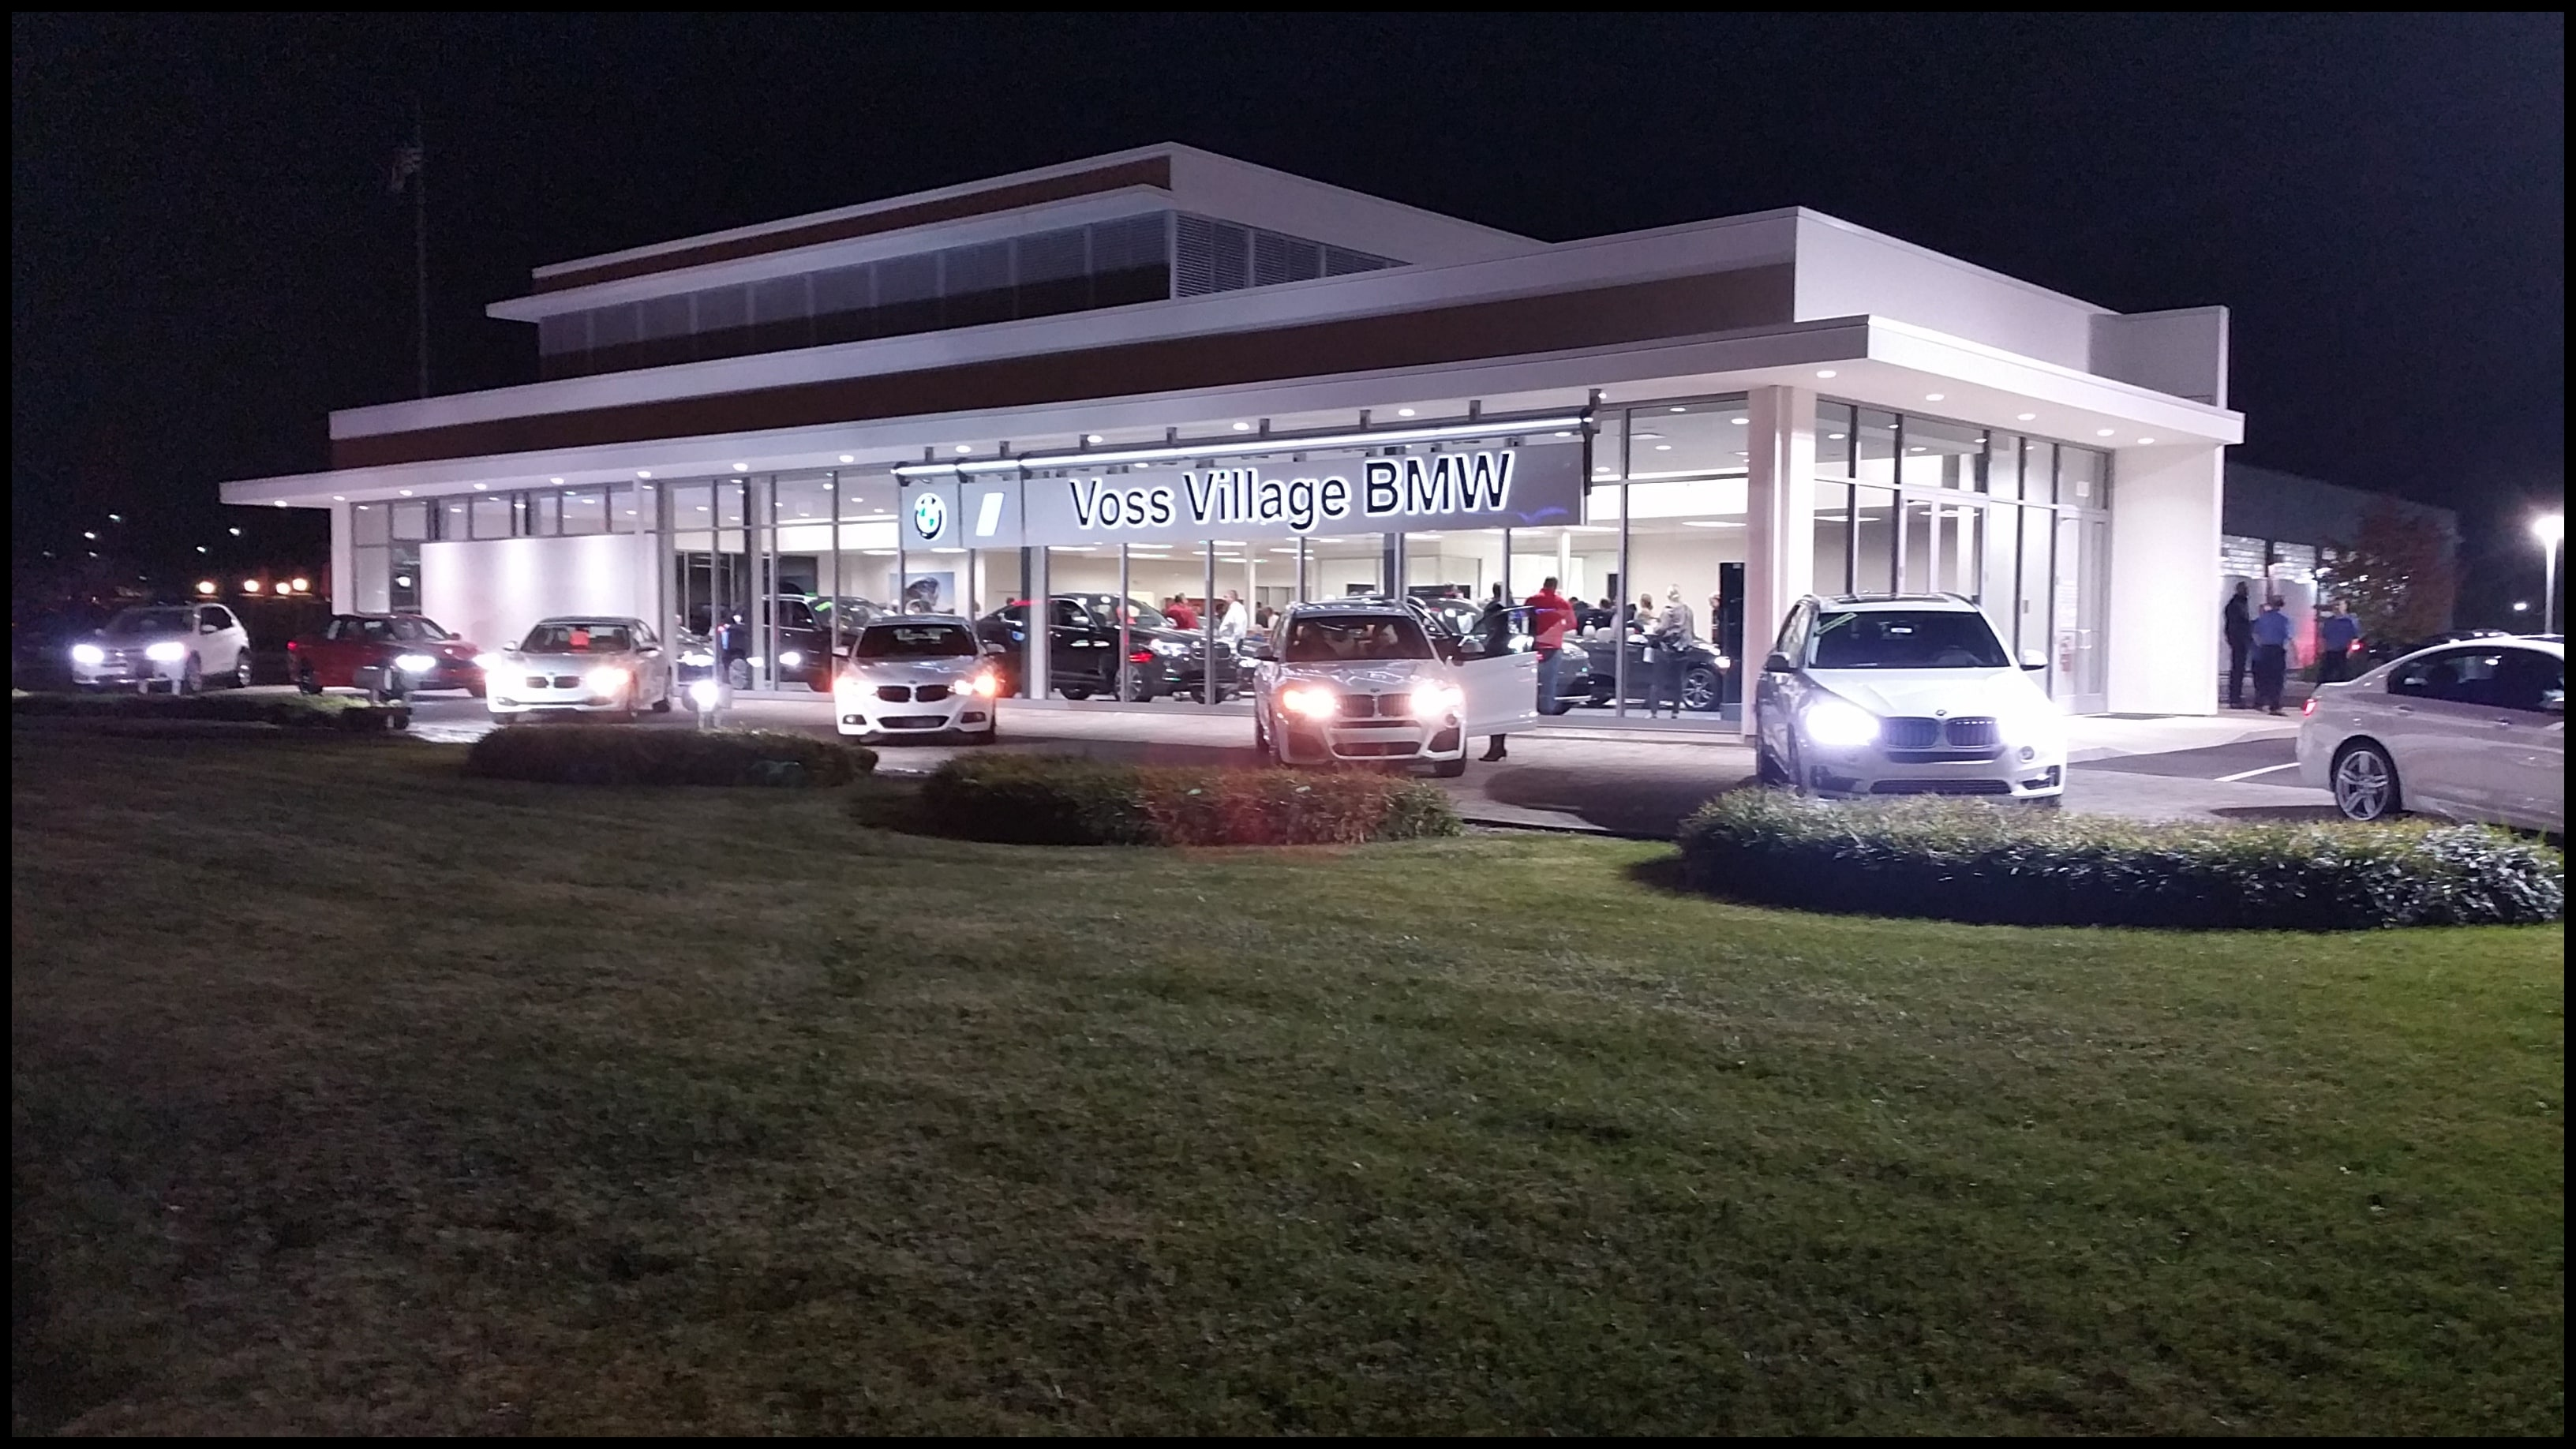 Wel e to Voss Village BMW